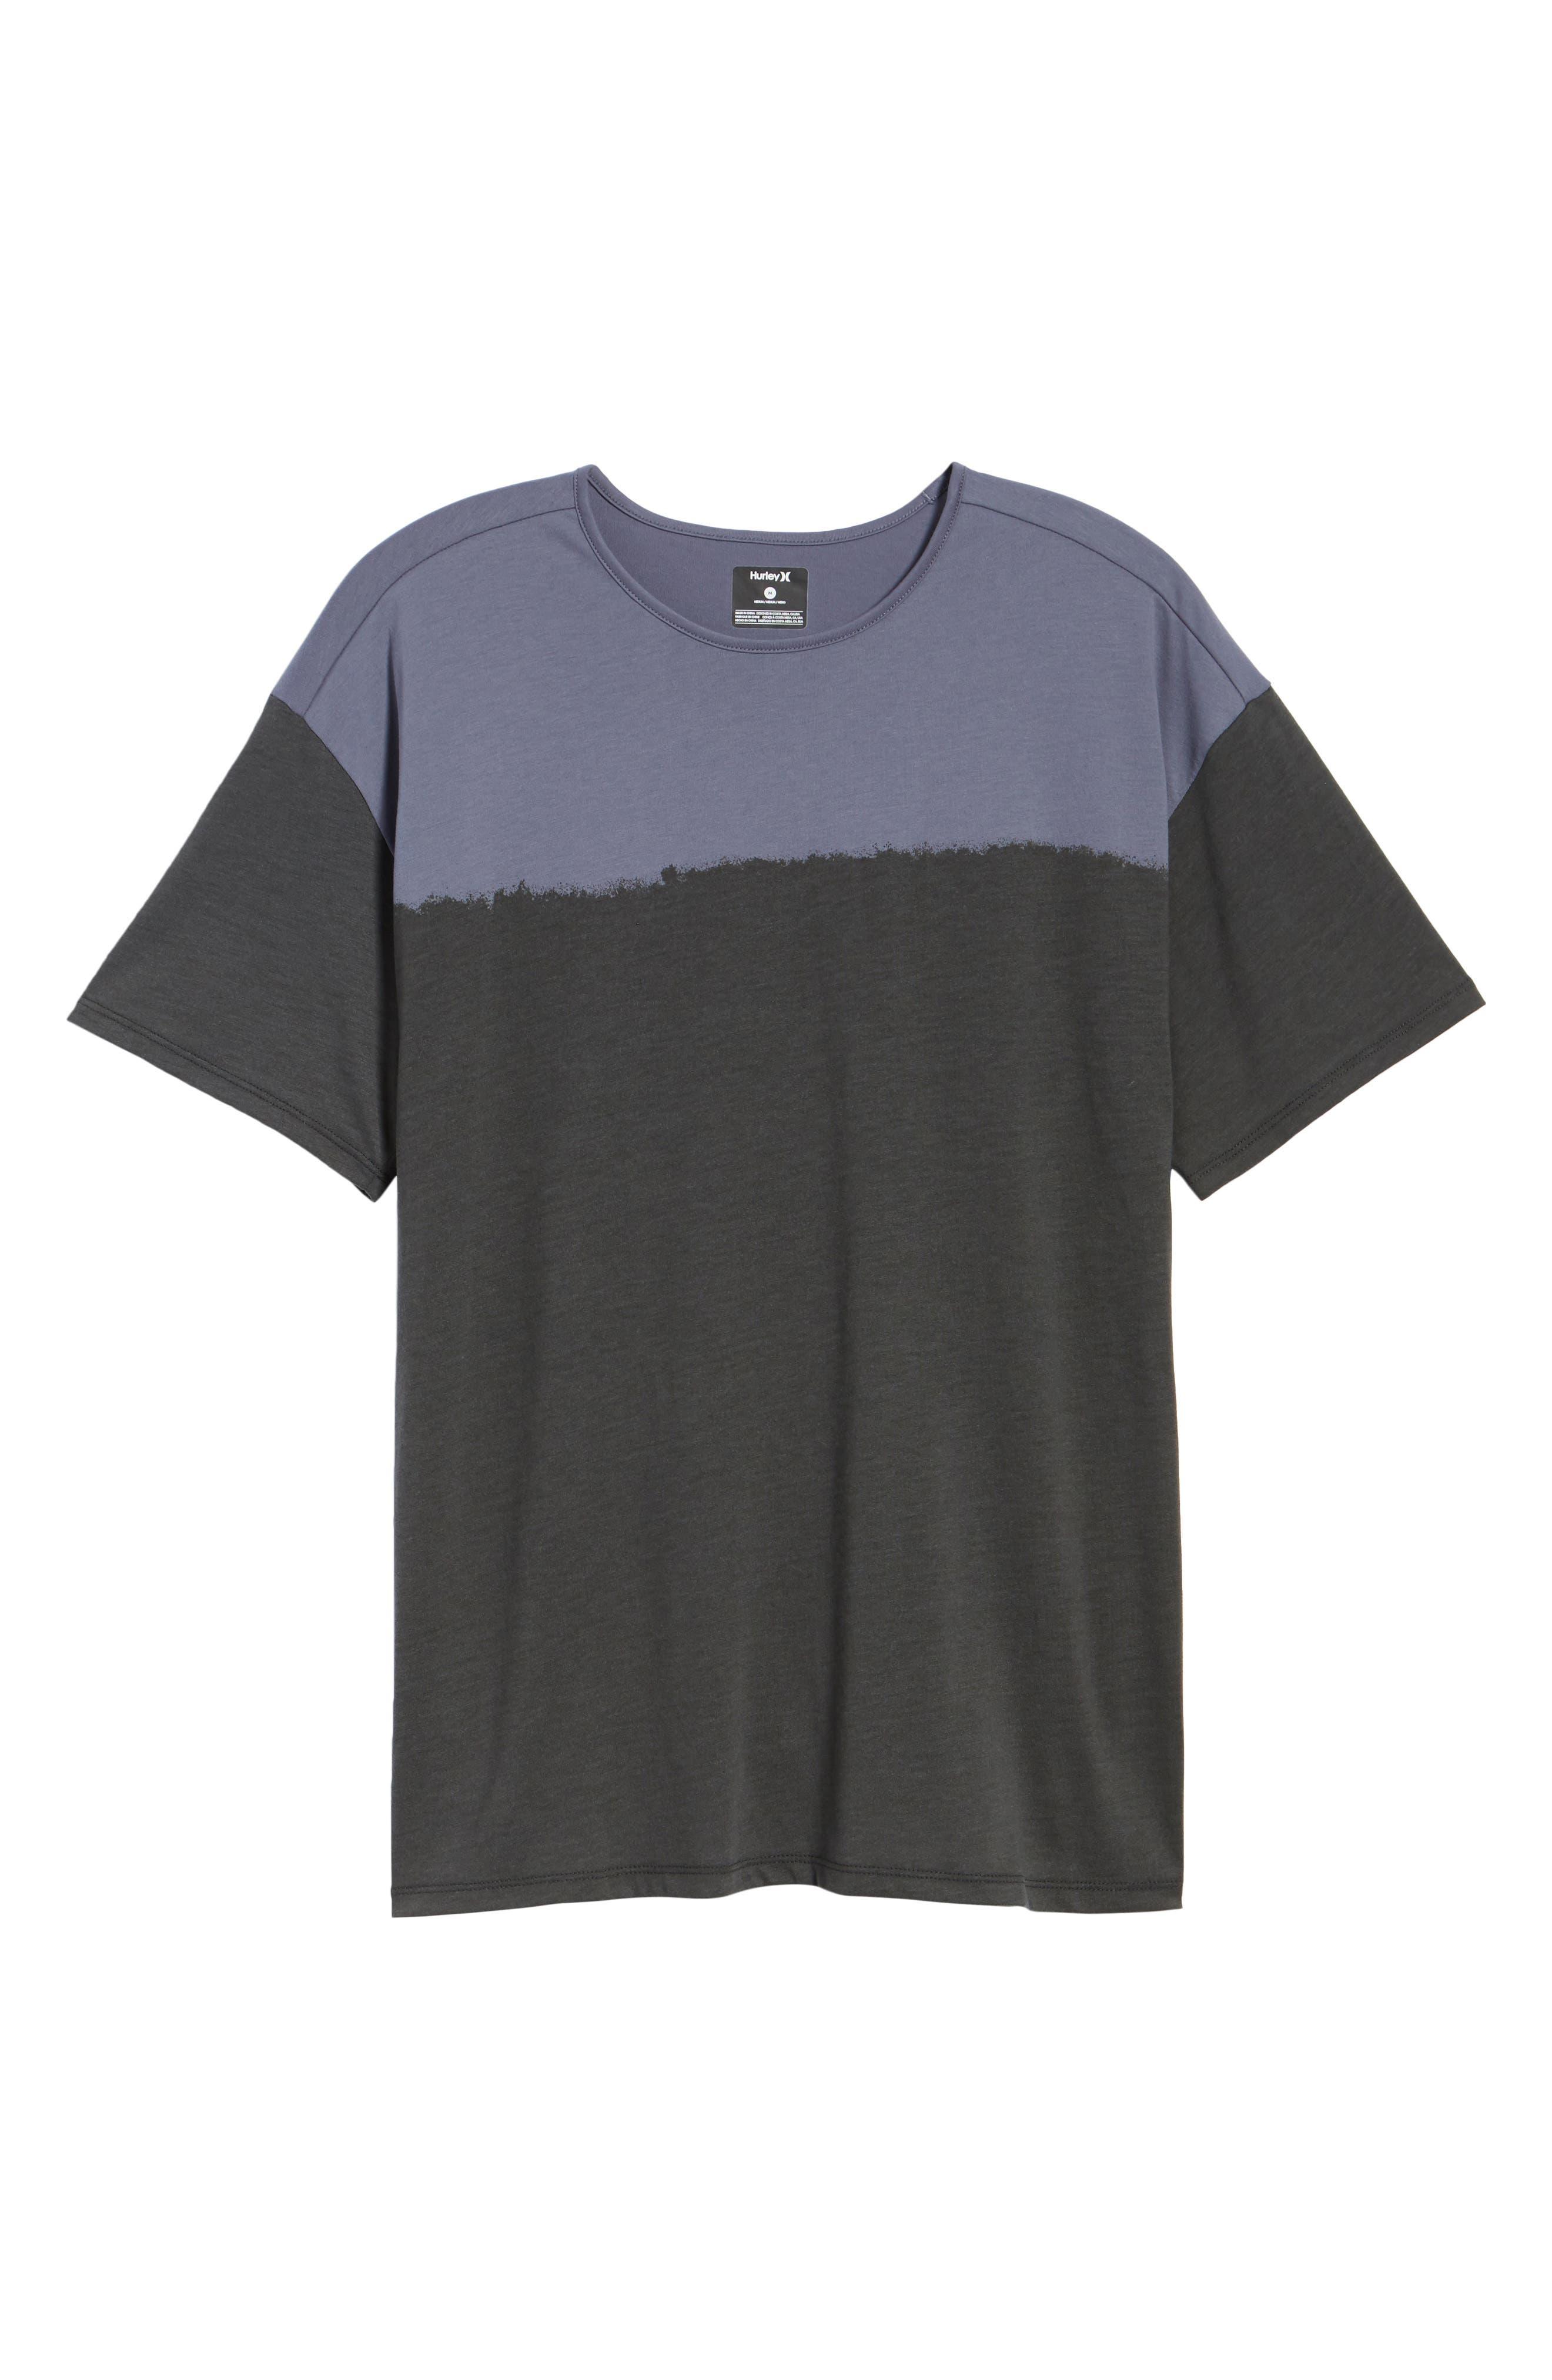 Dri-FIT Erosion Shirt,                             Alternate thumbnail 6, color,                             060